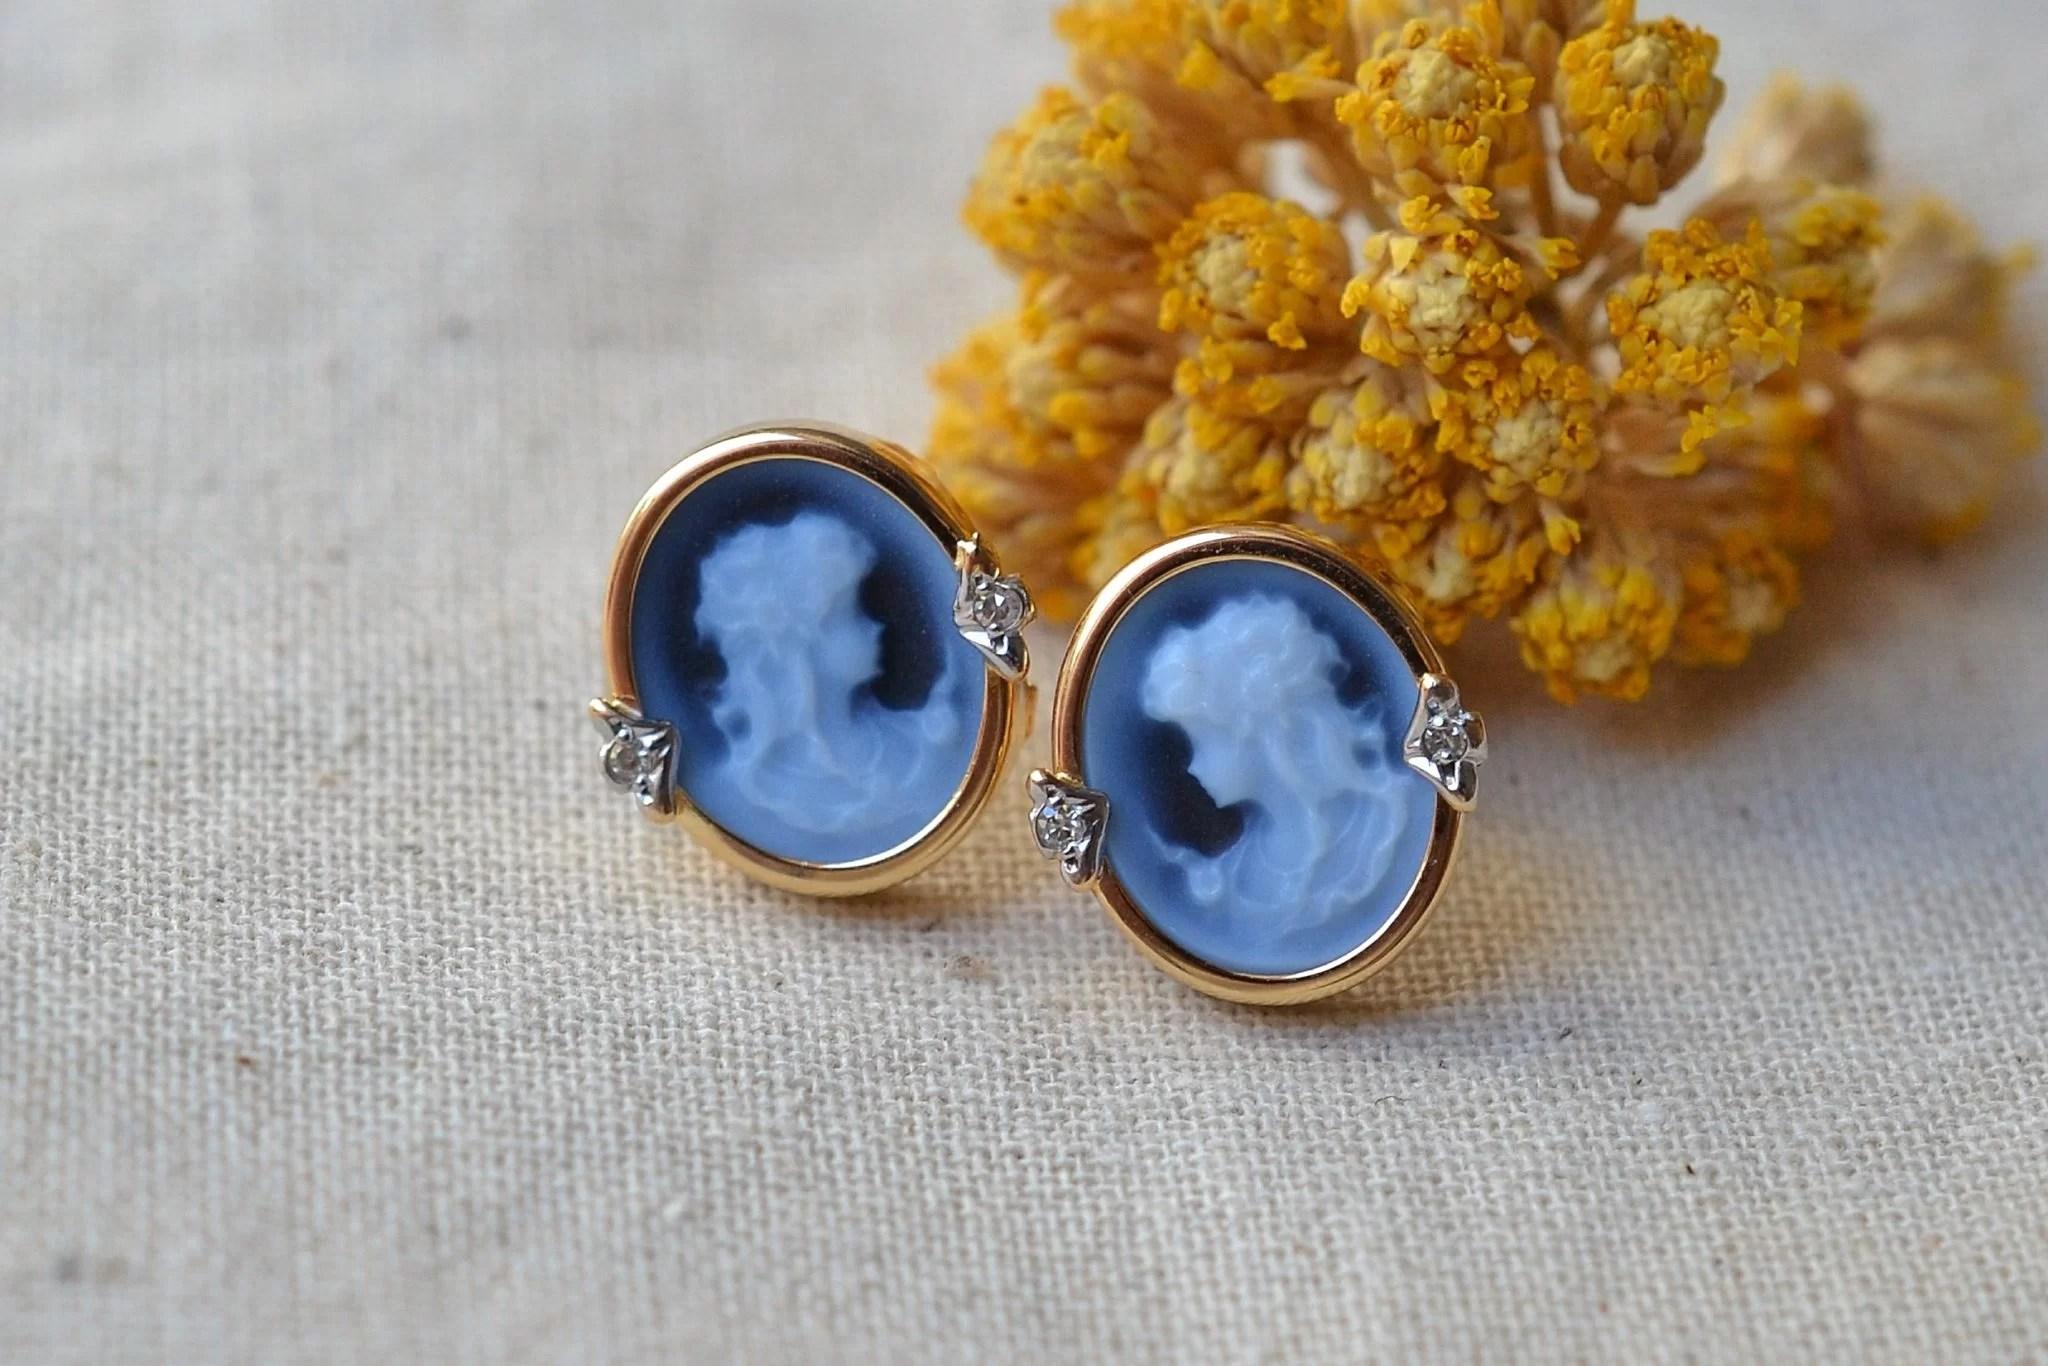 Paire de clous en Or jaune sertis de camées bleus - boucles d_oreilles Vintage